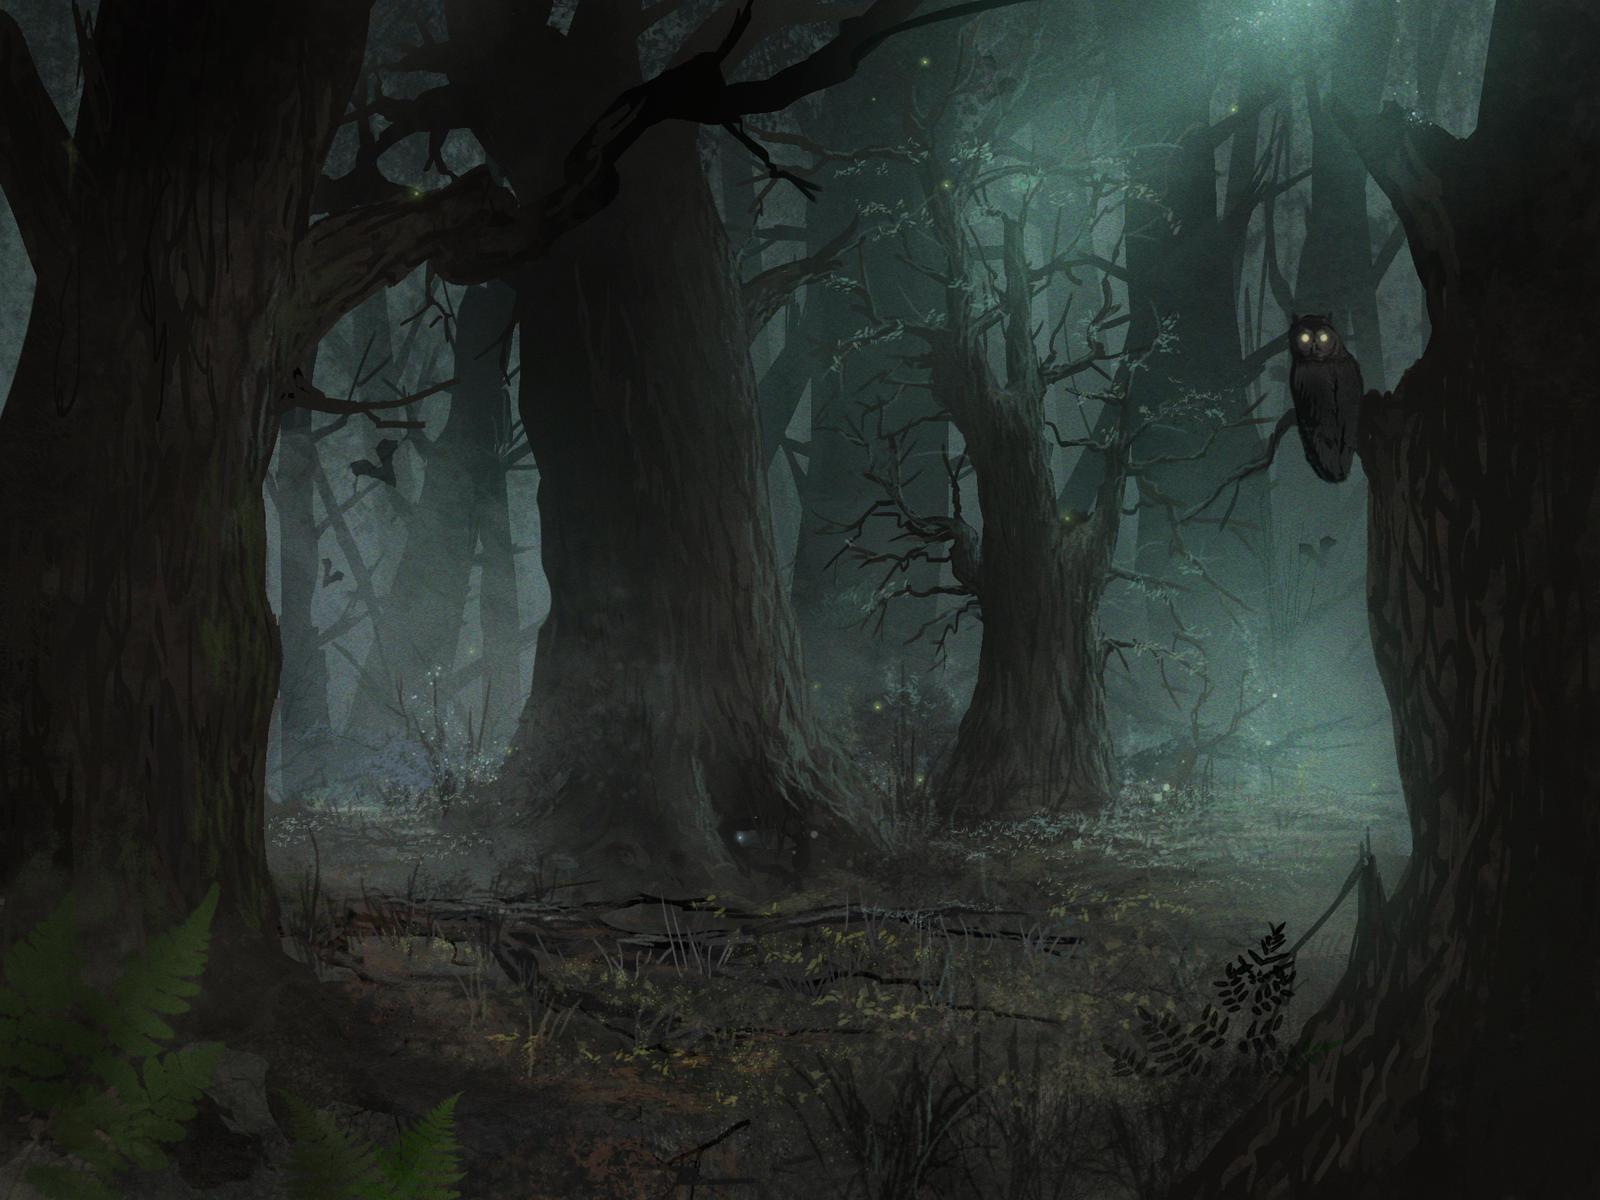 Dark forest by serjio-c